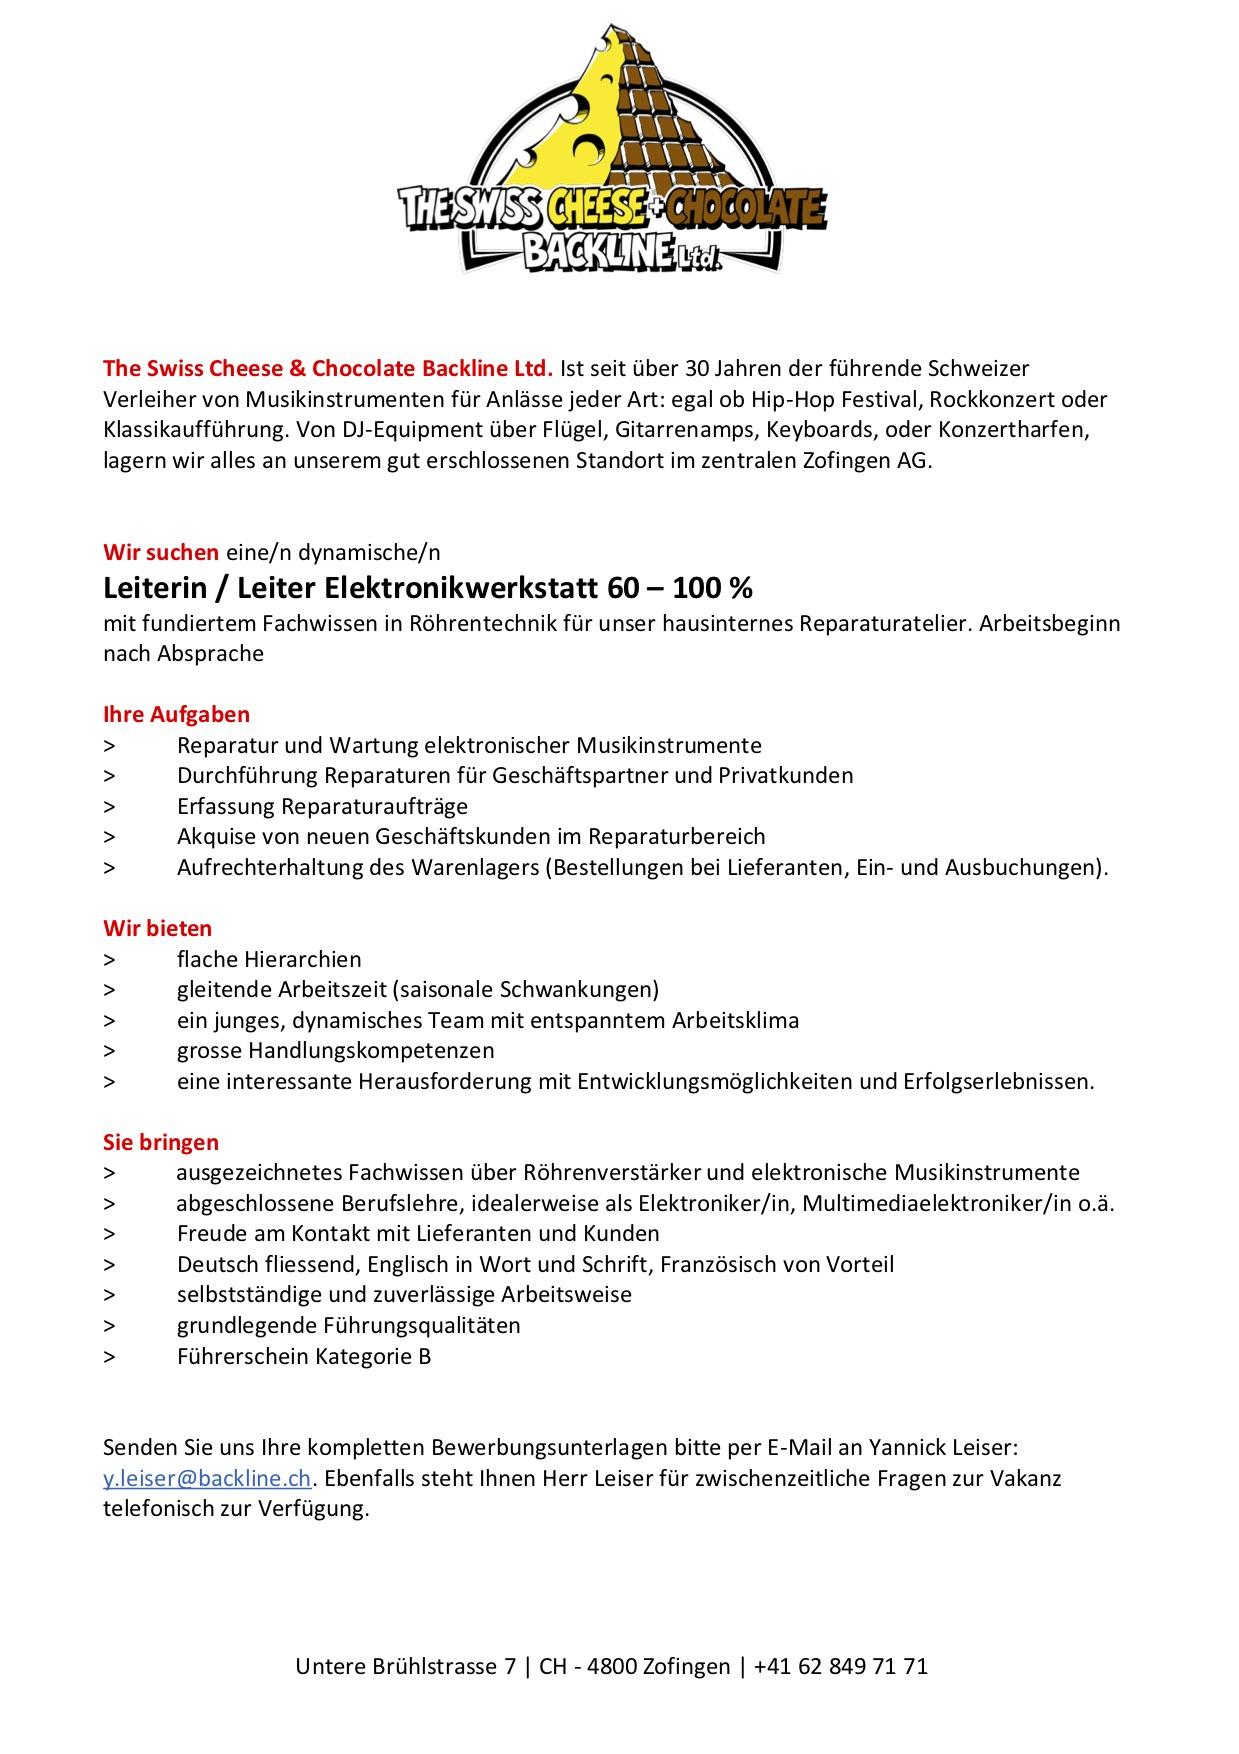 Stellenausschreibung: Leiterin / Leiter Elektronikwerkstatt 60 – 100 %